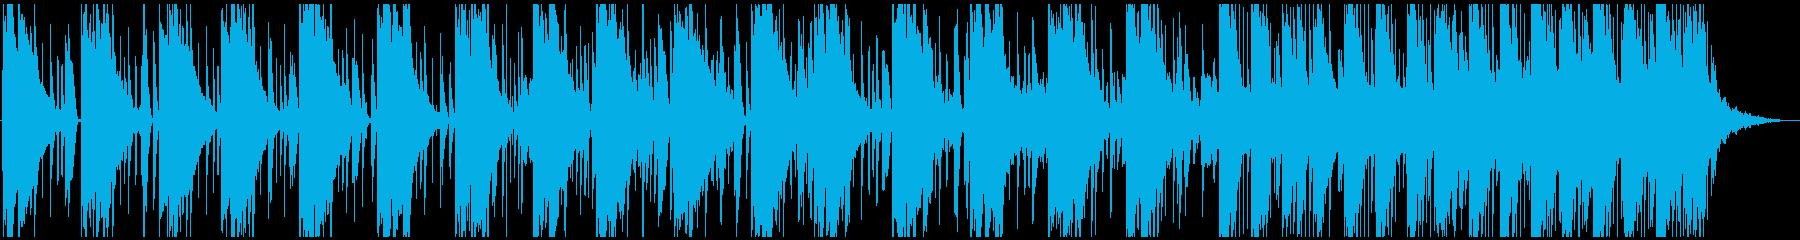 アンビエントっぽいチルなエレクトロニカの再生済みの波形